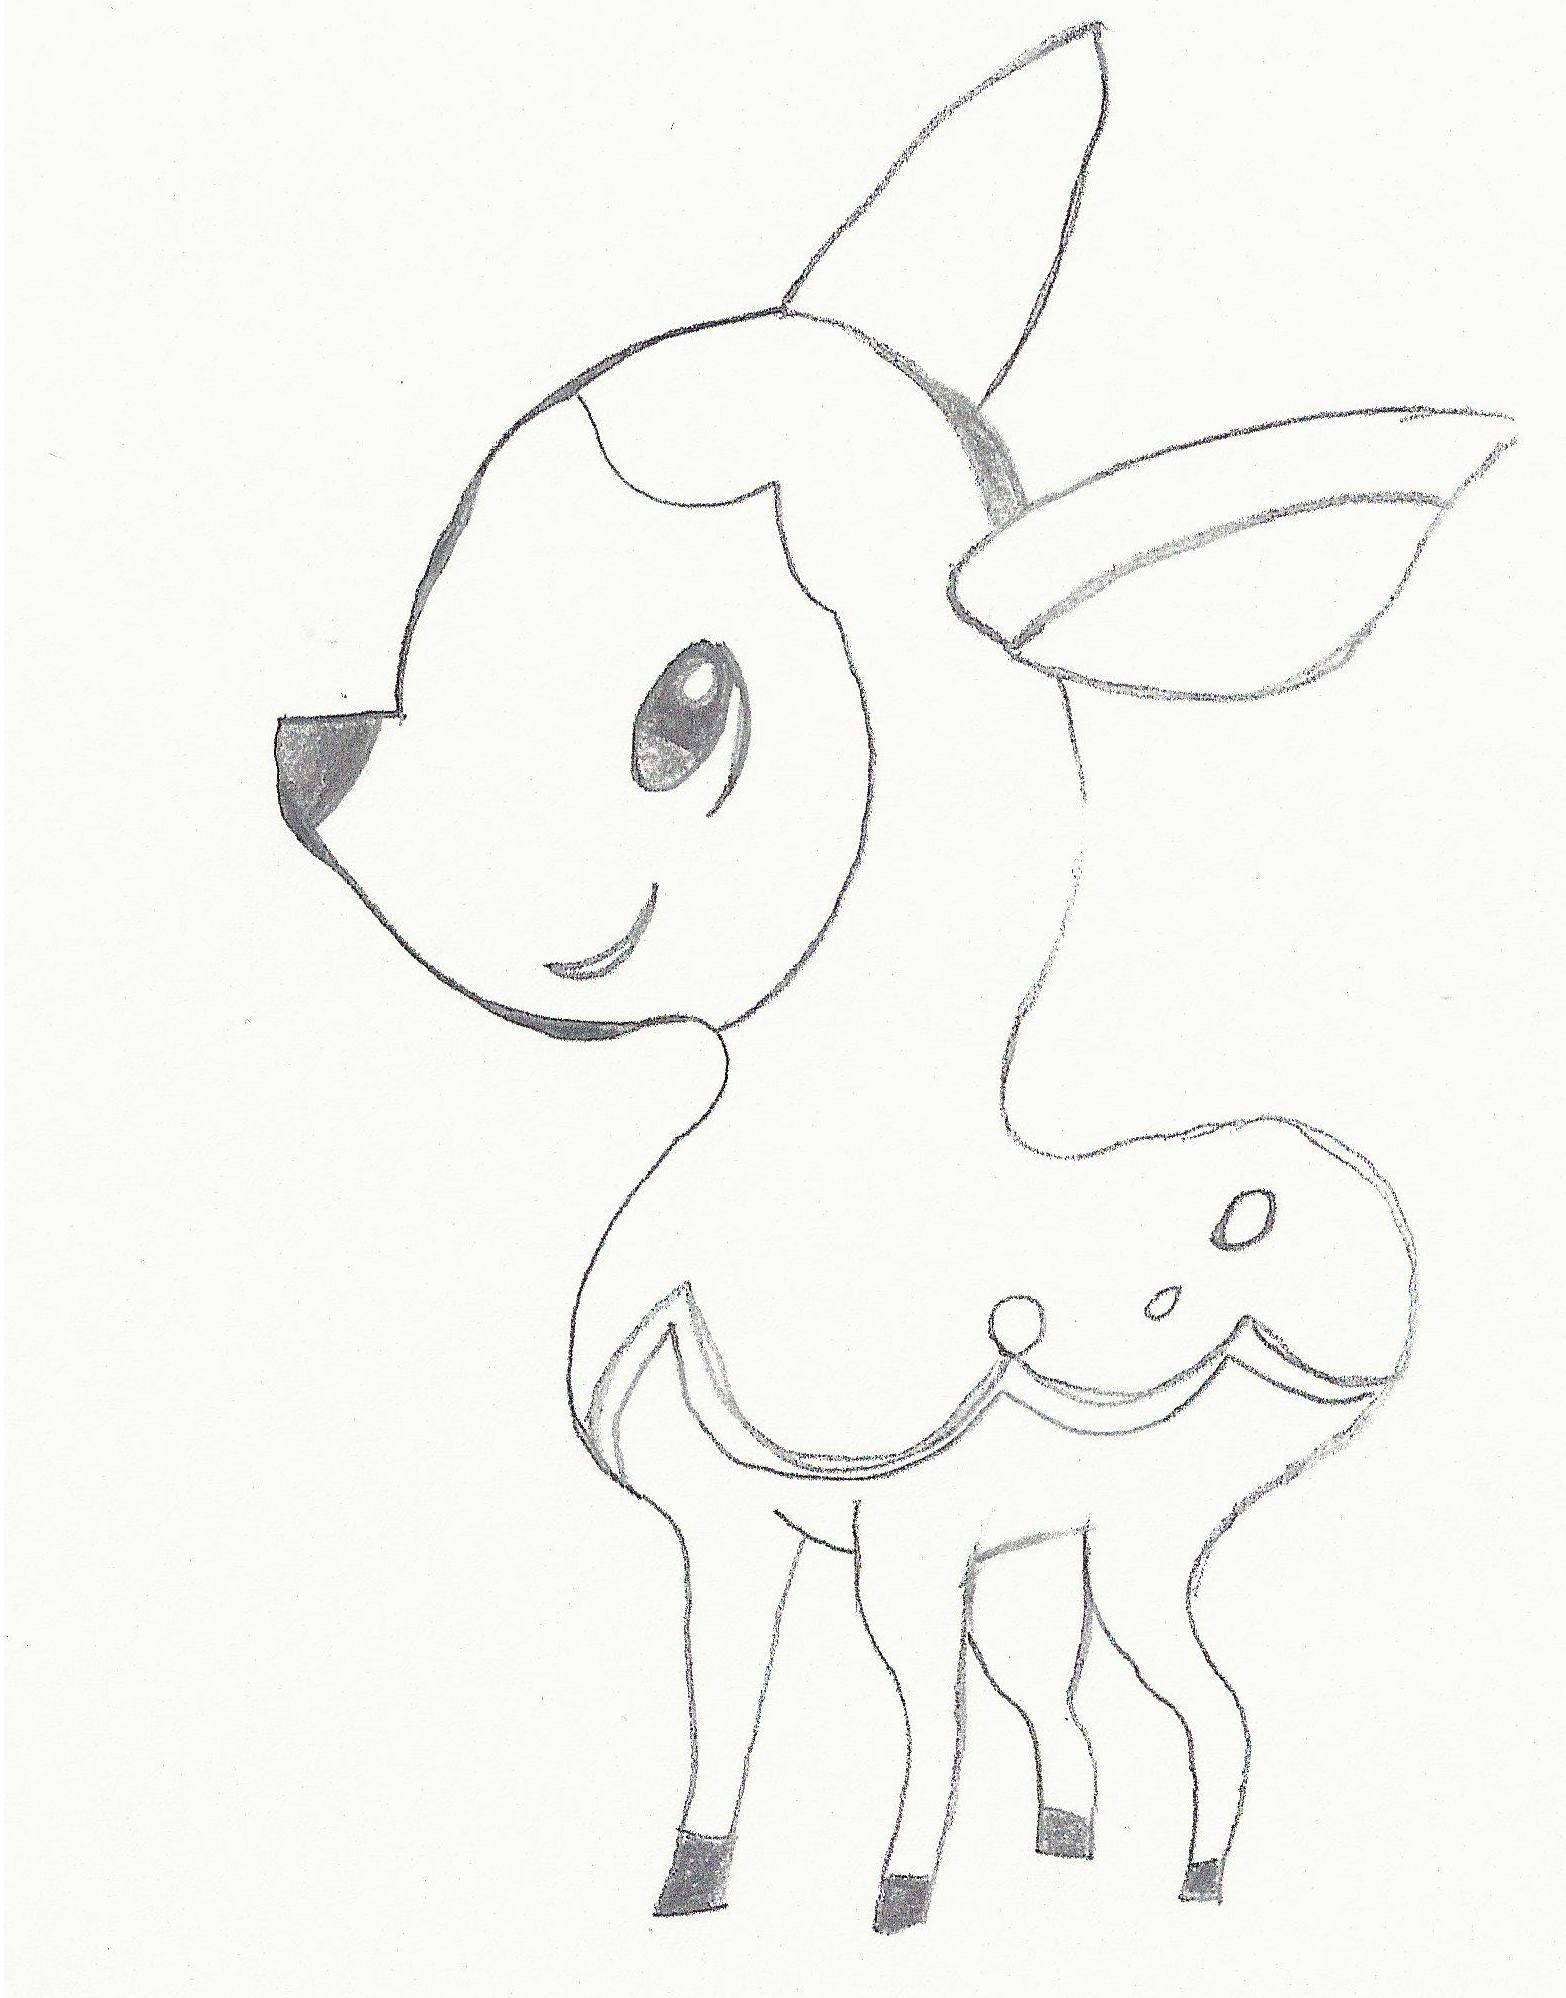 Pokémon-Zeichnung: Shikijika Uncolor